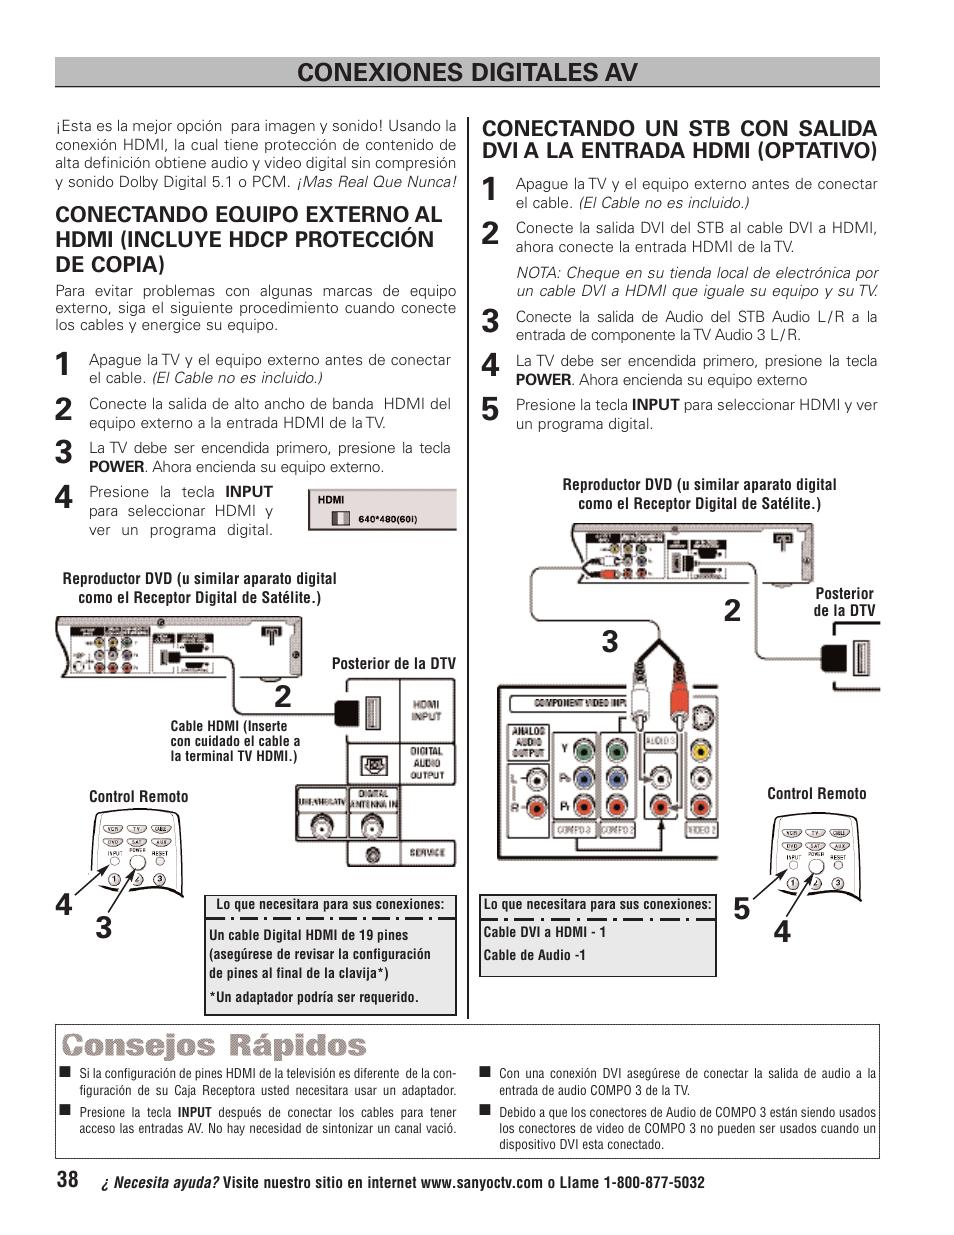 ... Array - conexiones digitales av sanyo ht32744 user manual page 38 62 rh  manualsdir com